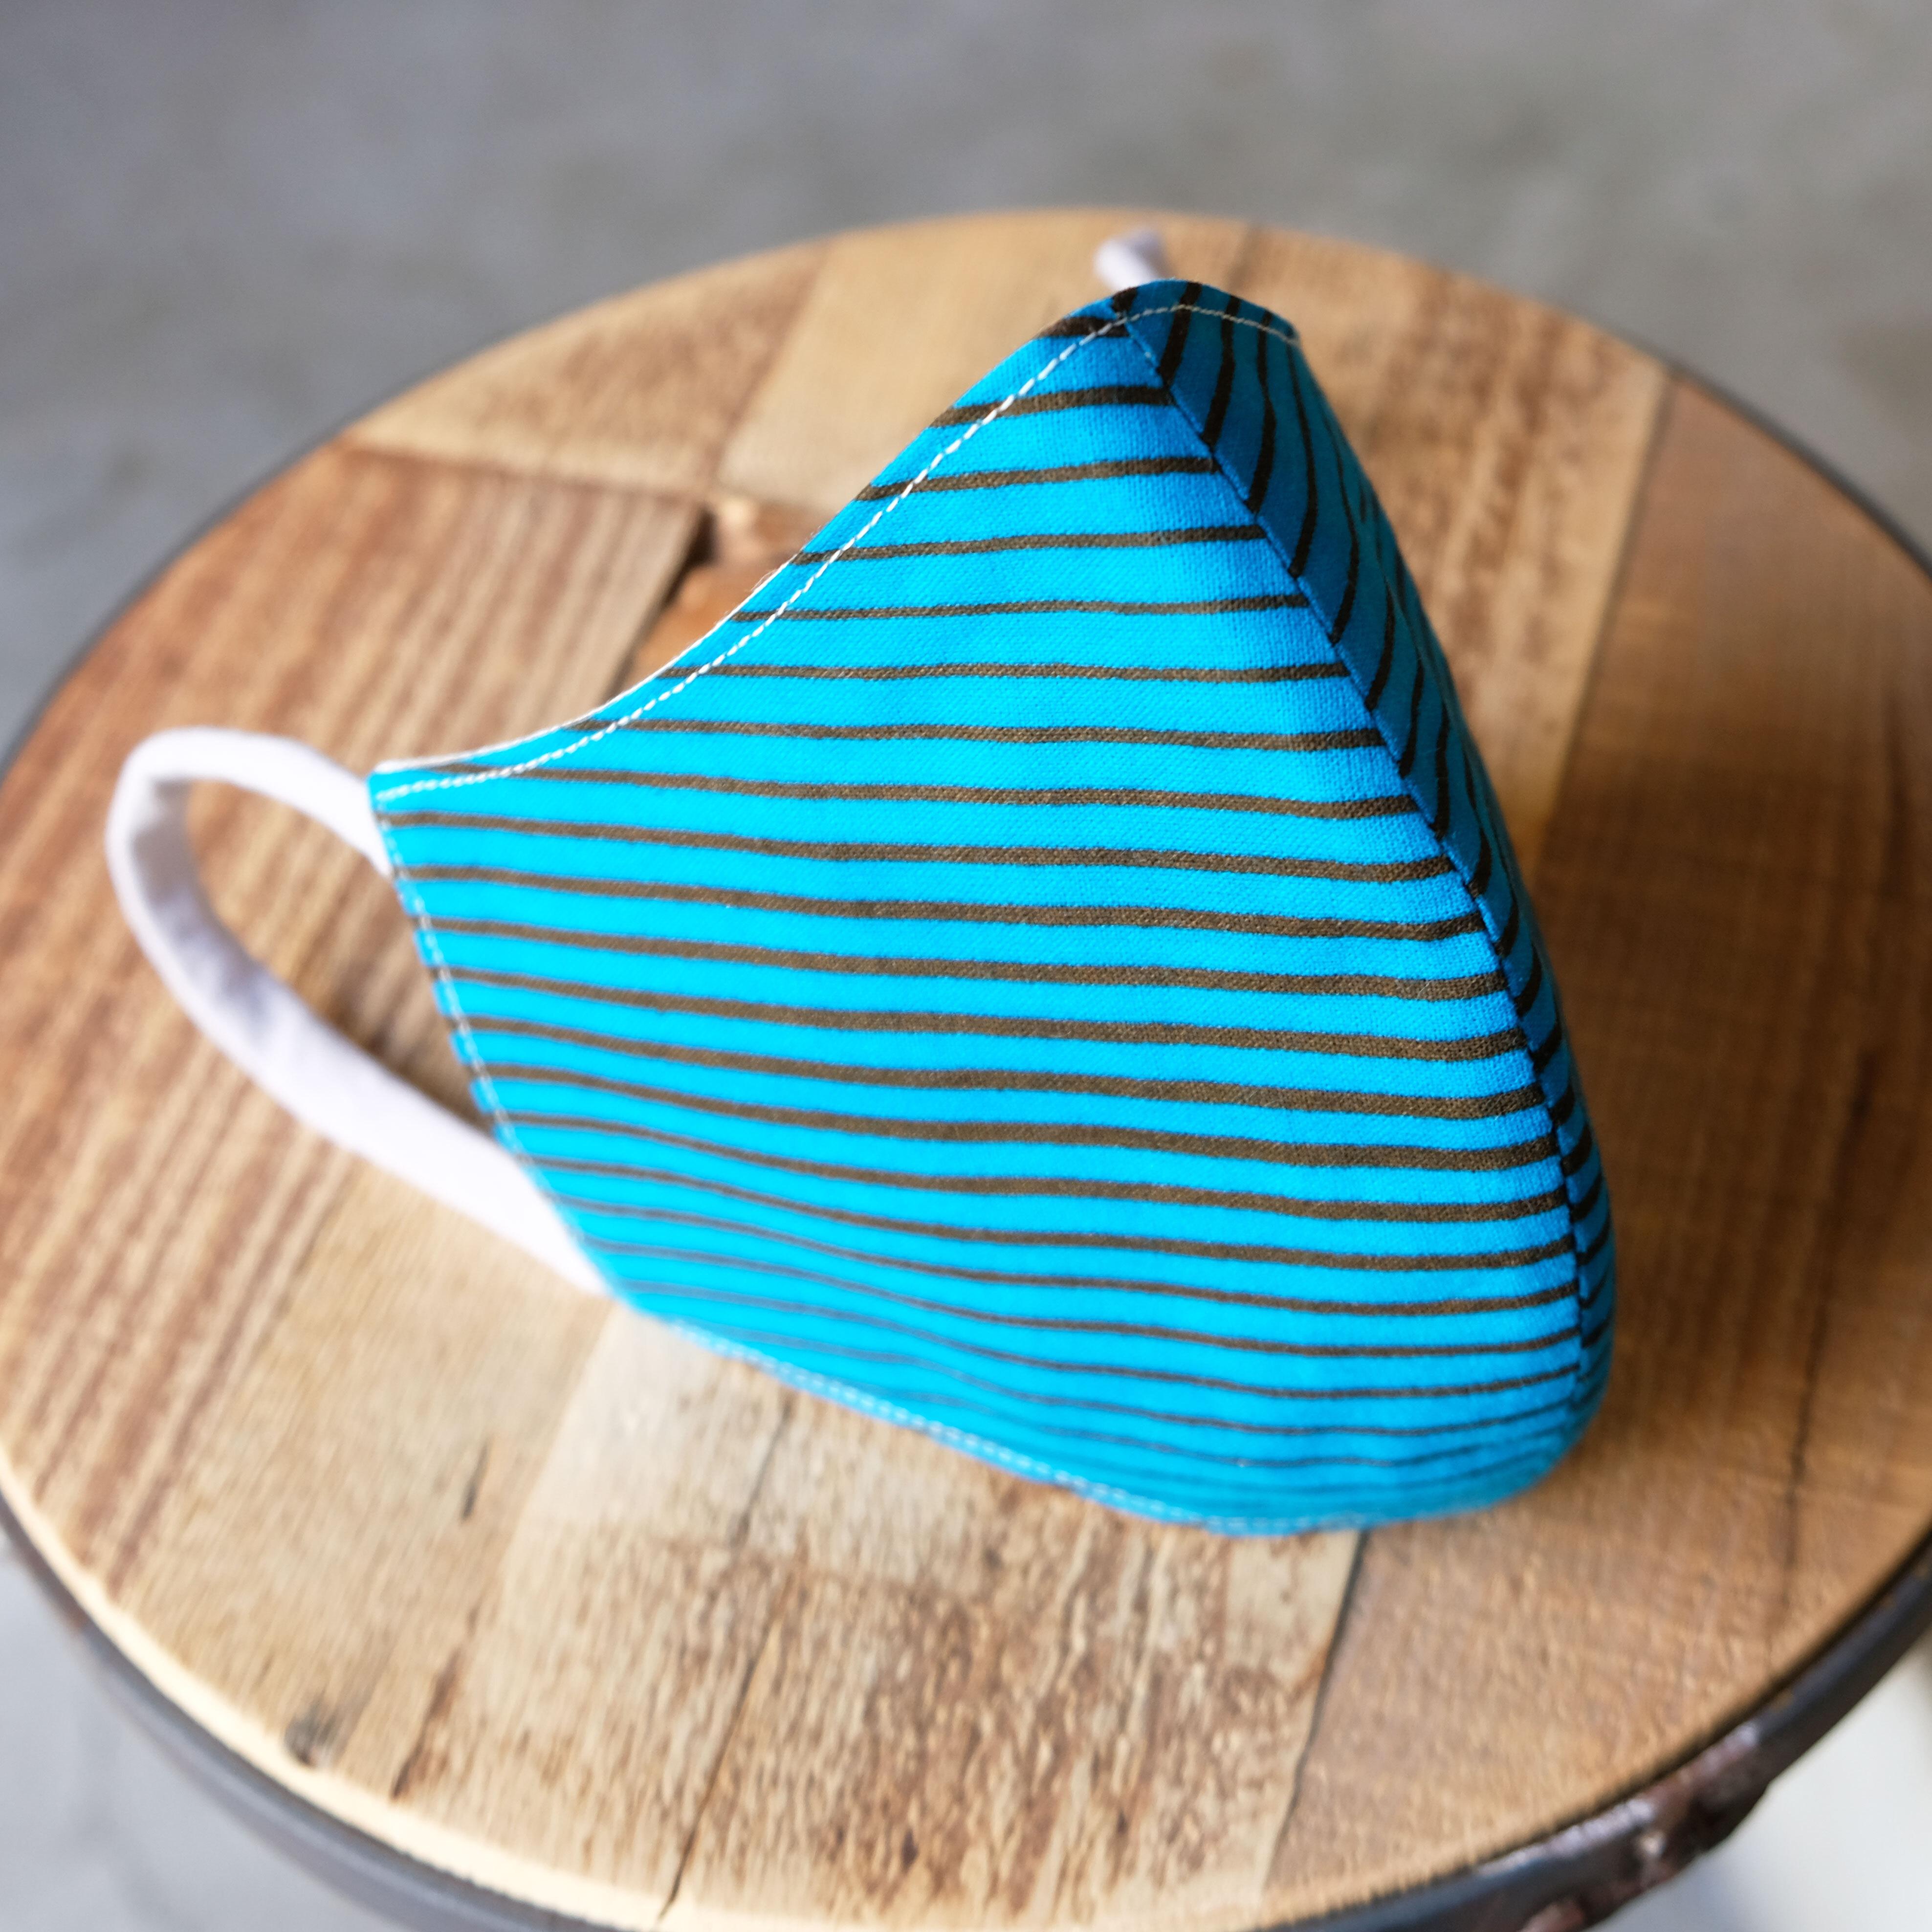 アフリカ布で作った銅繊維シート入りマスク/横ライン